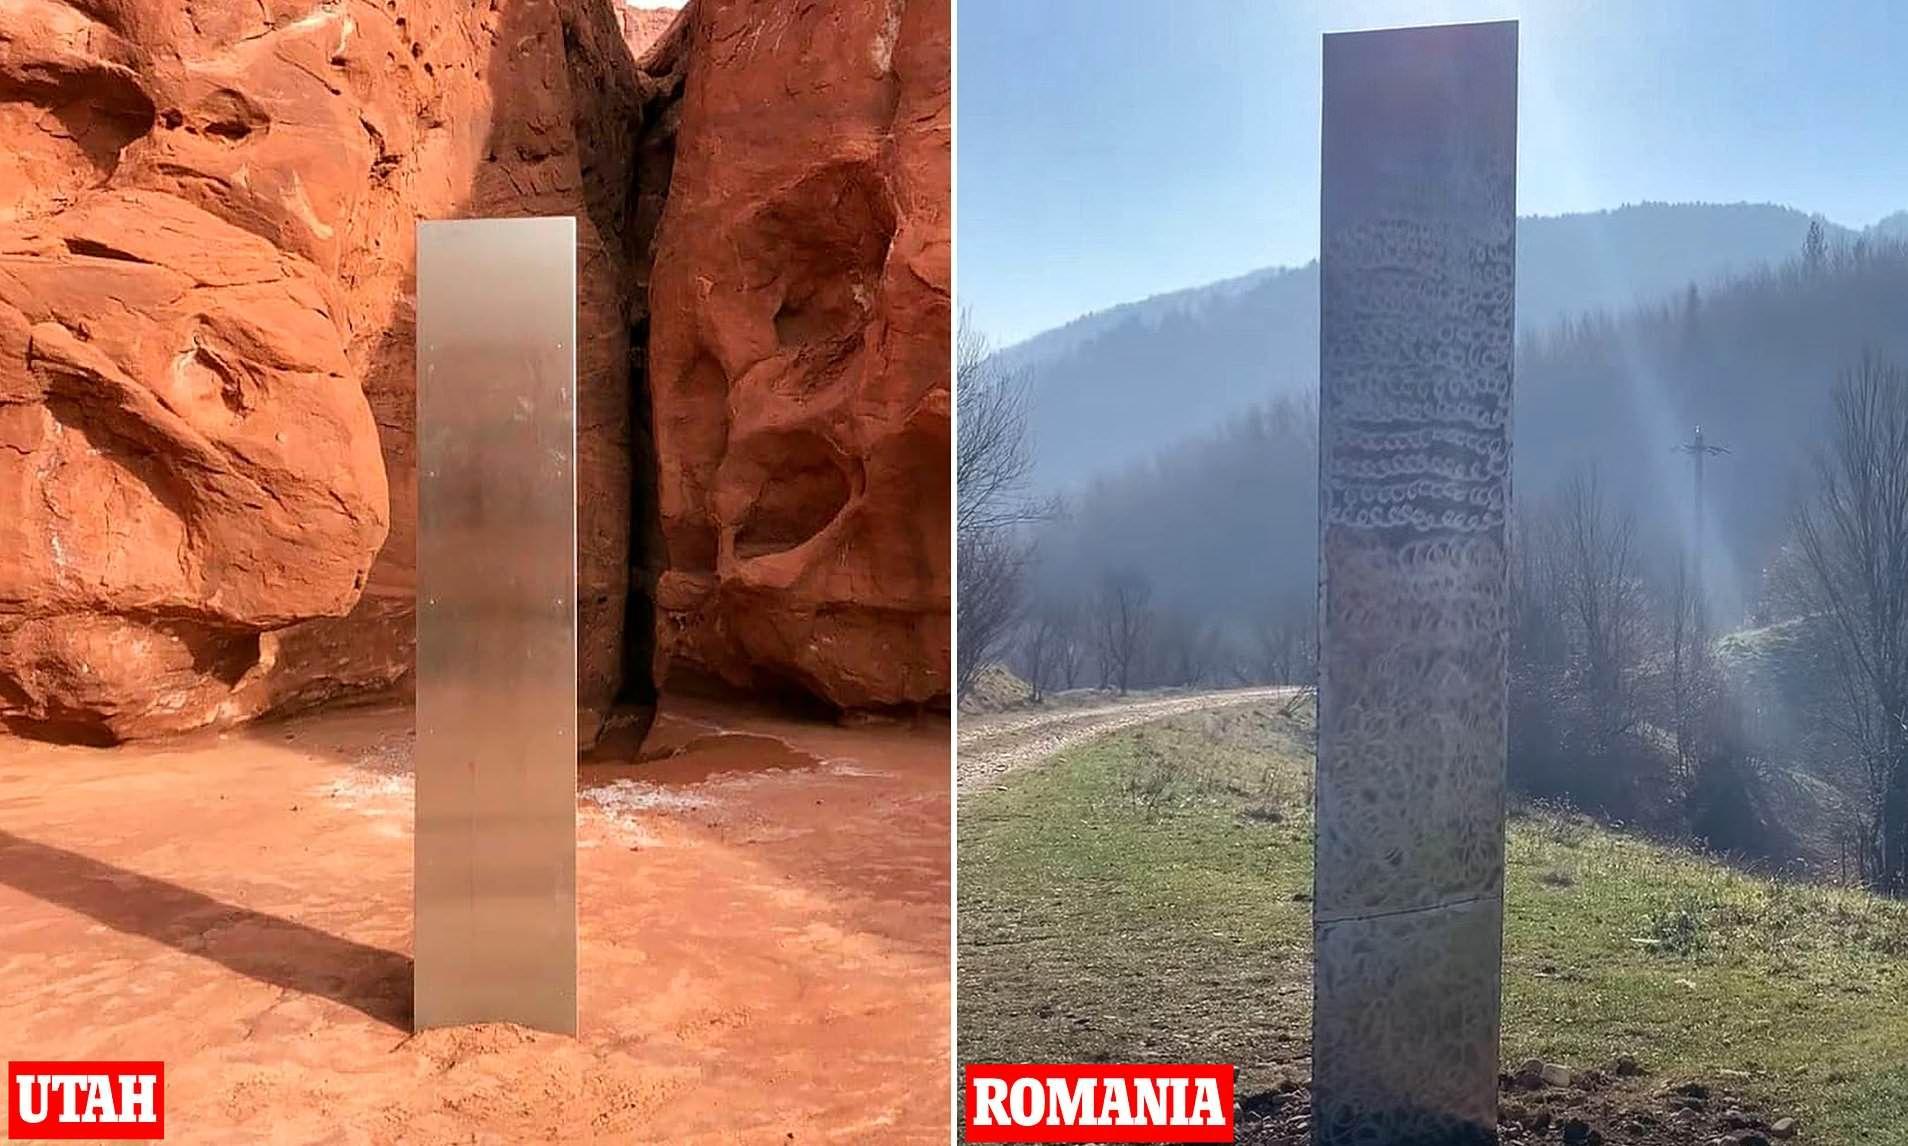 Монолитът в САЩ и Румъния